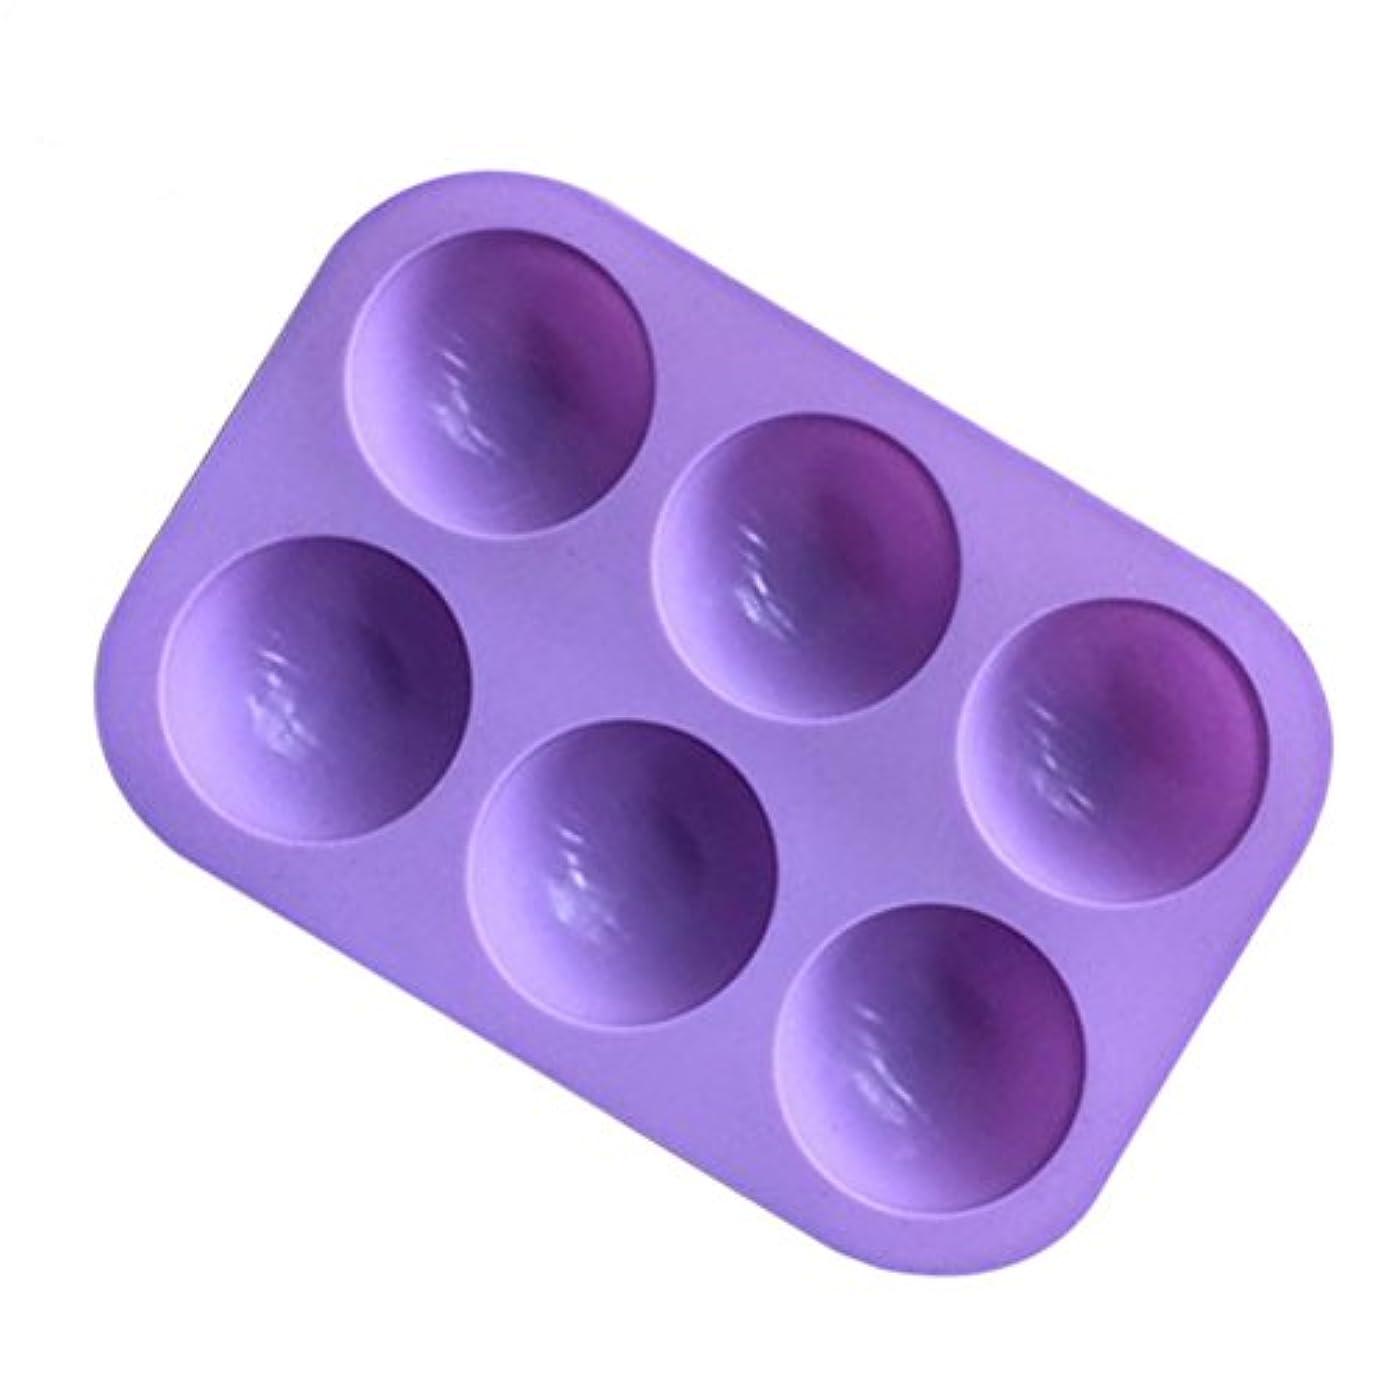 湿気の多い習熟度好きBESTONZON シリコンソープモールド半円マフィンパンカップケーキキャンディモールドケーキチョコレートモールドベーキングモールド6個のキャビティ(紫色)